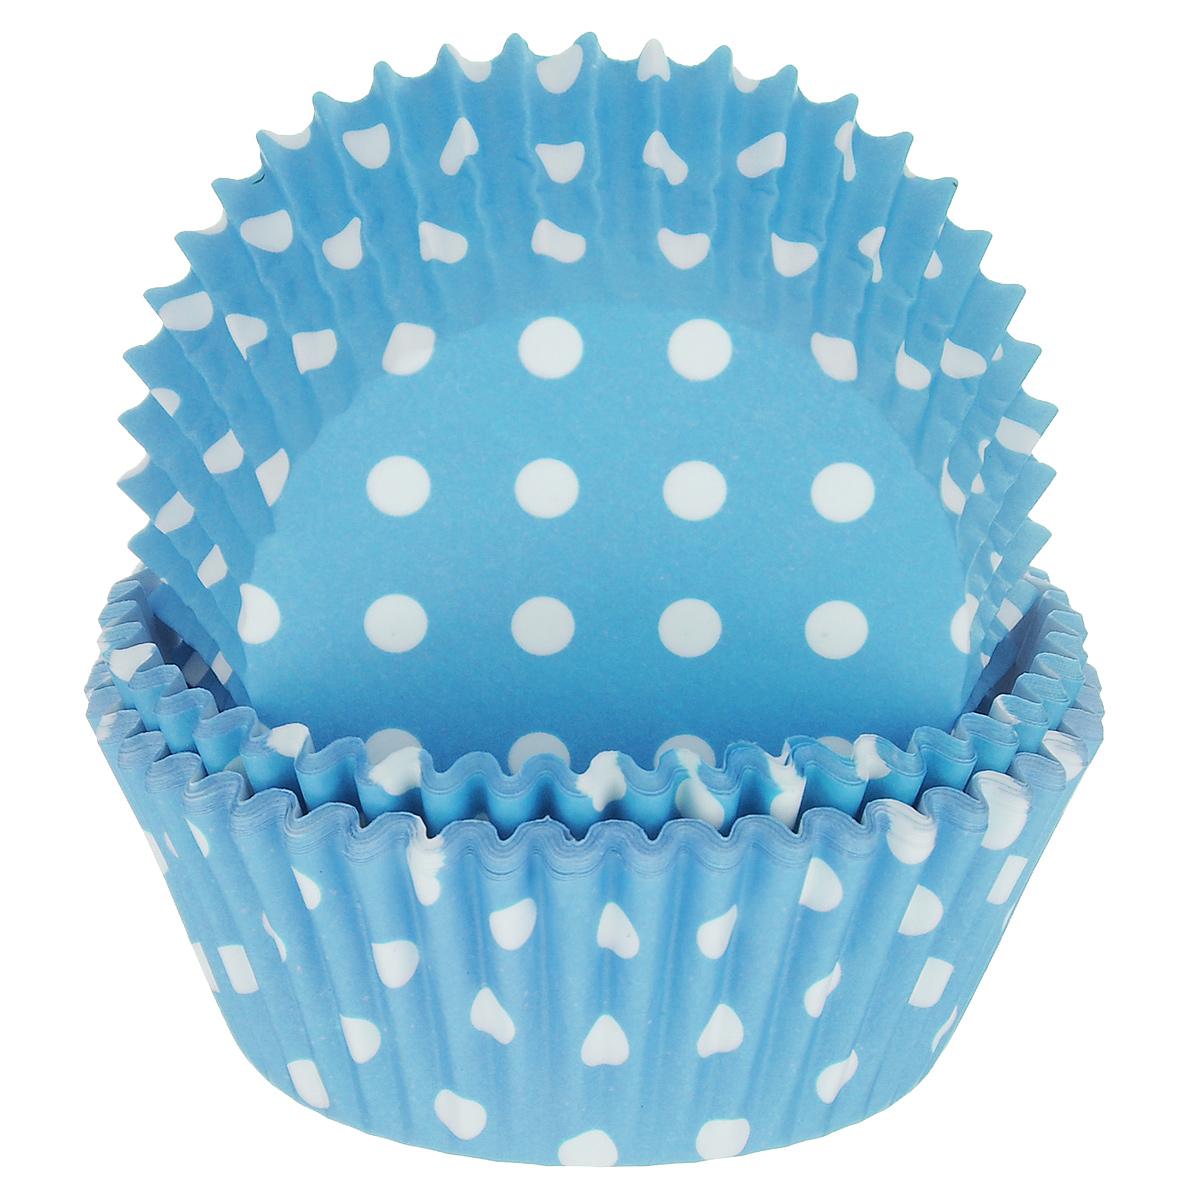 Набор бумажных форм для кексов Dolce Arti Горошек, цвет: голубой, диаметр 5 см, 50 штDA080203Набор Dolce Arti Горошек состоит из 50 бумажных форм для кексов, оформленных принтом в горох. Они предназначены для выпечки и упаковки кондитерских изделий, также могут использоваться для сервировки орешков, конфет и много другого. Для одноразового применения. Гофрированные бумажные формы идеальны для выпечки кексов, булочек и пирожных. Высота стенки: 3 см. Диаметр (по верхнему краю): 7 см. Диаметр дна: 5 см.